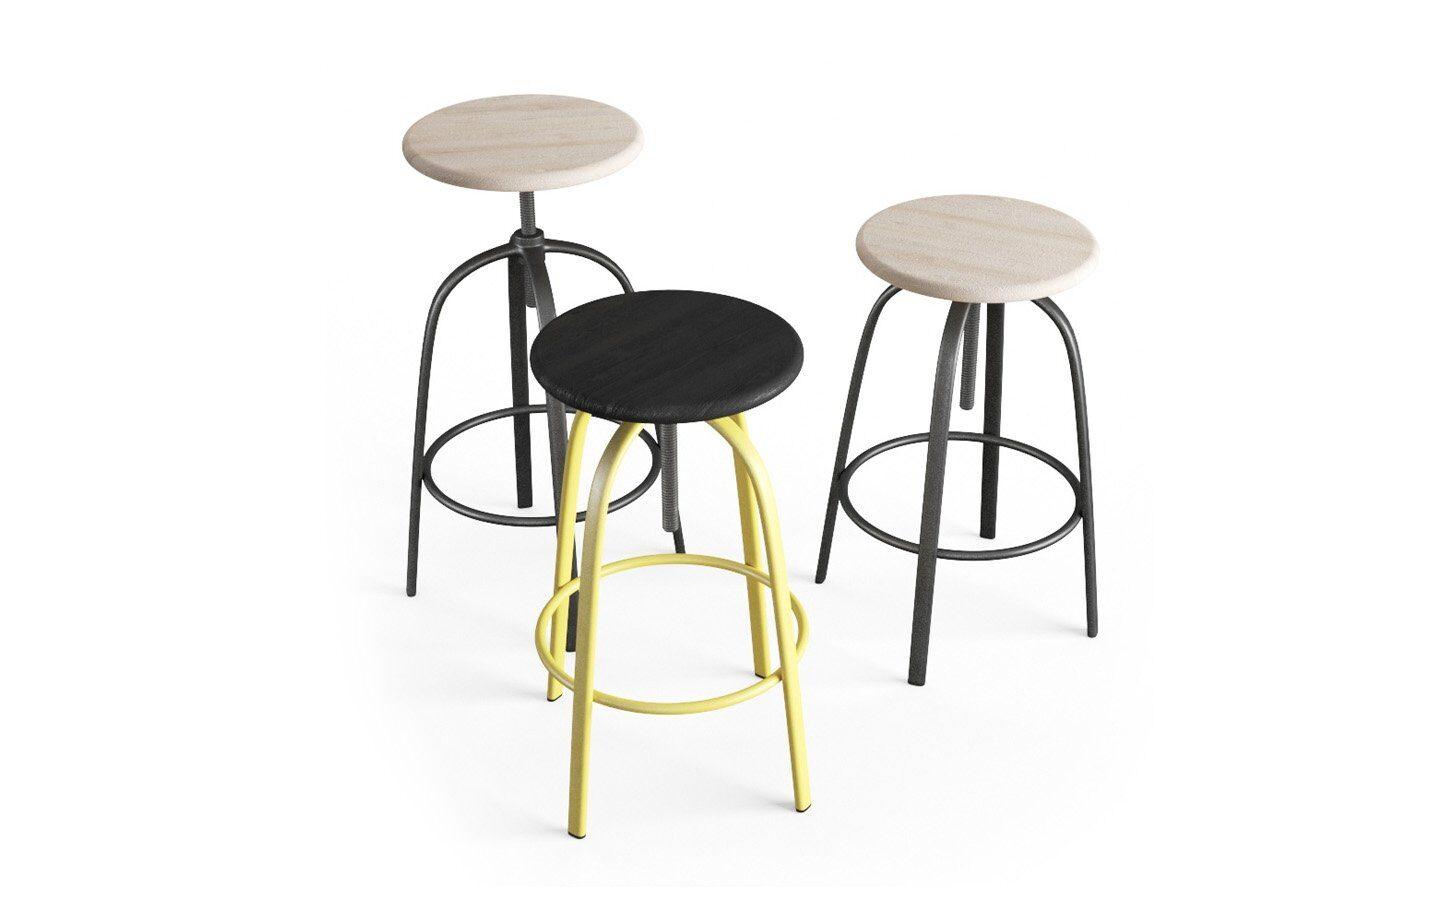 Ferrovitos-designer-bar-stool-03